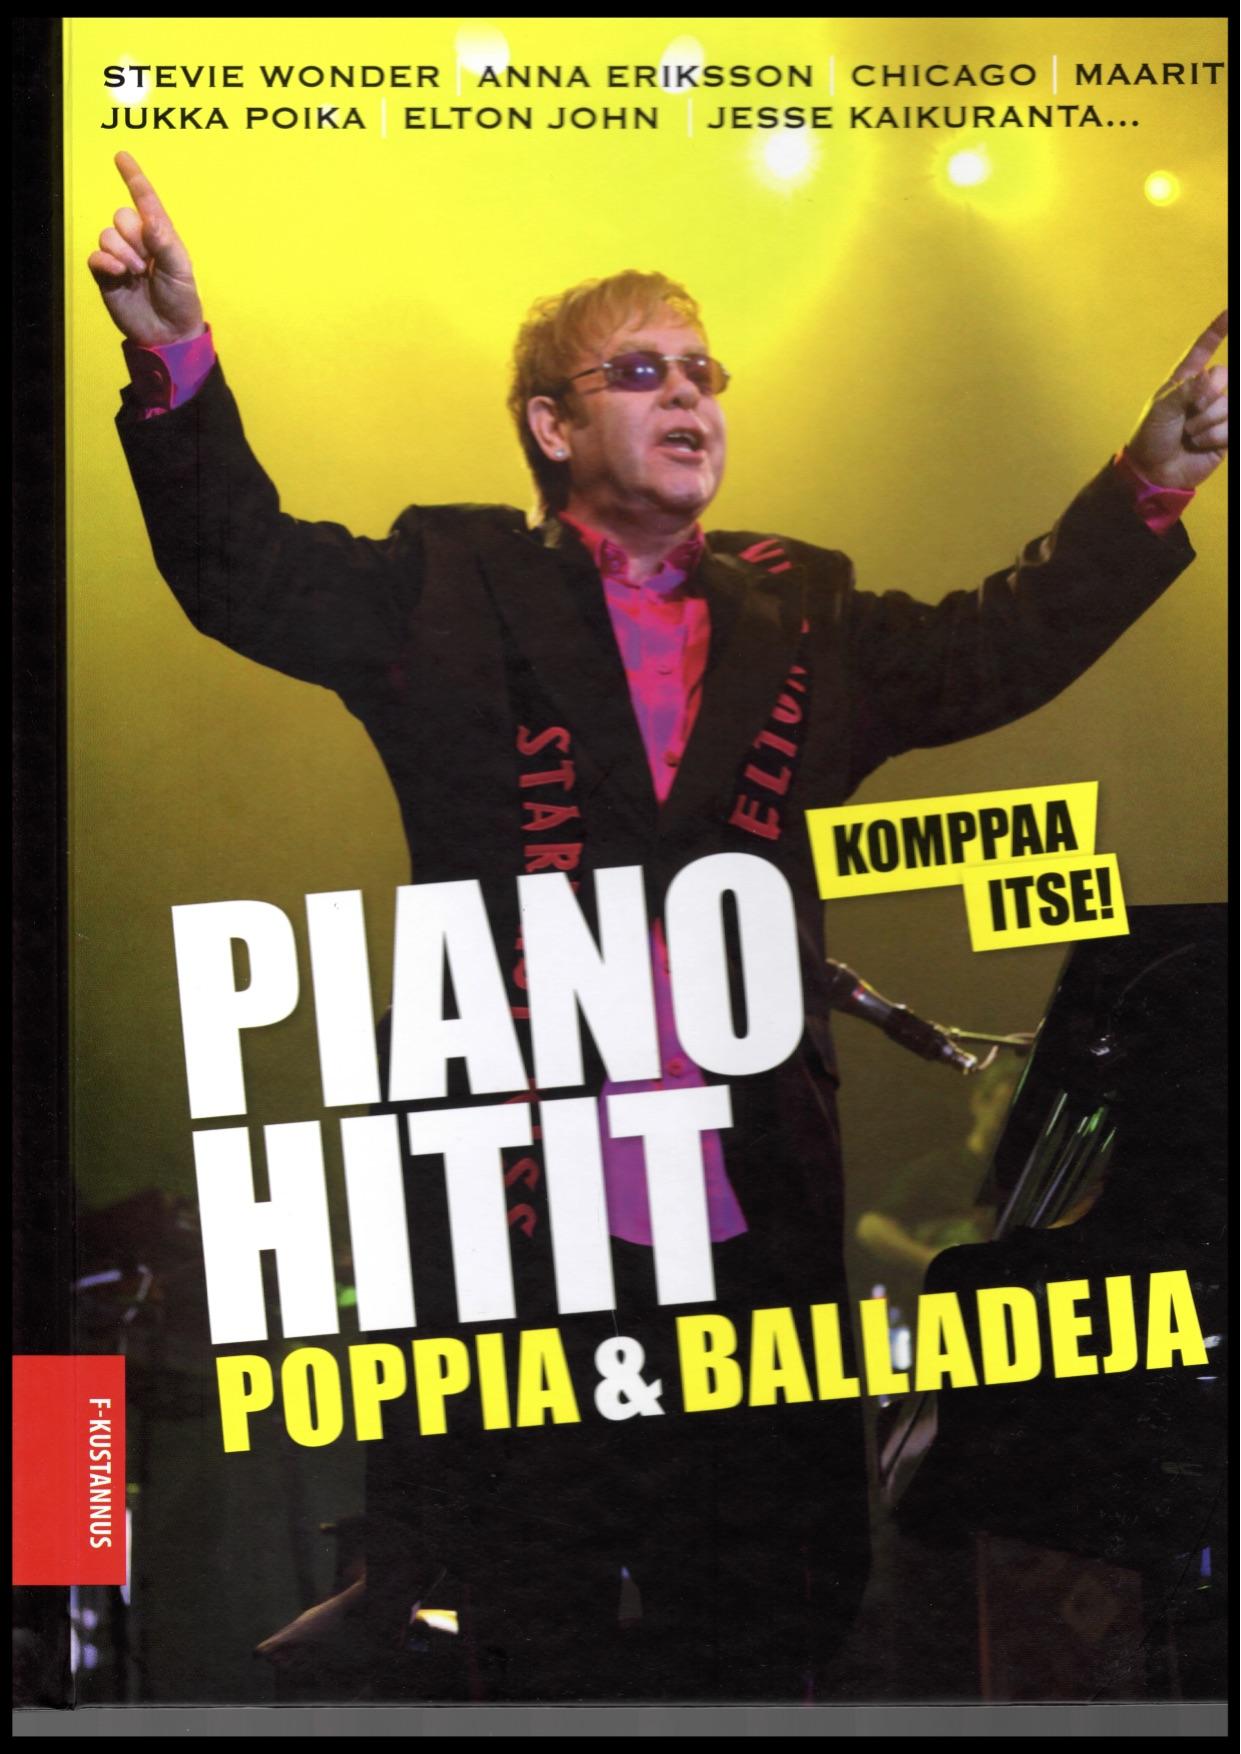 pianohitit poppia ja balladeja